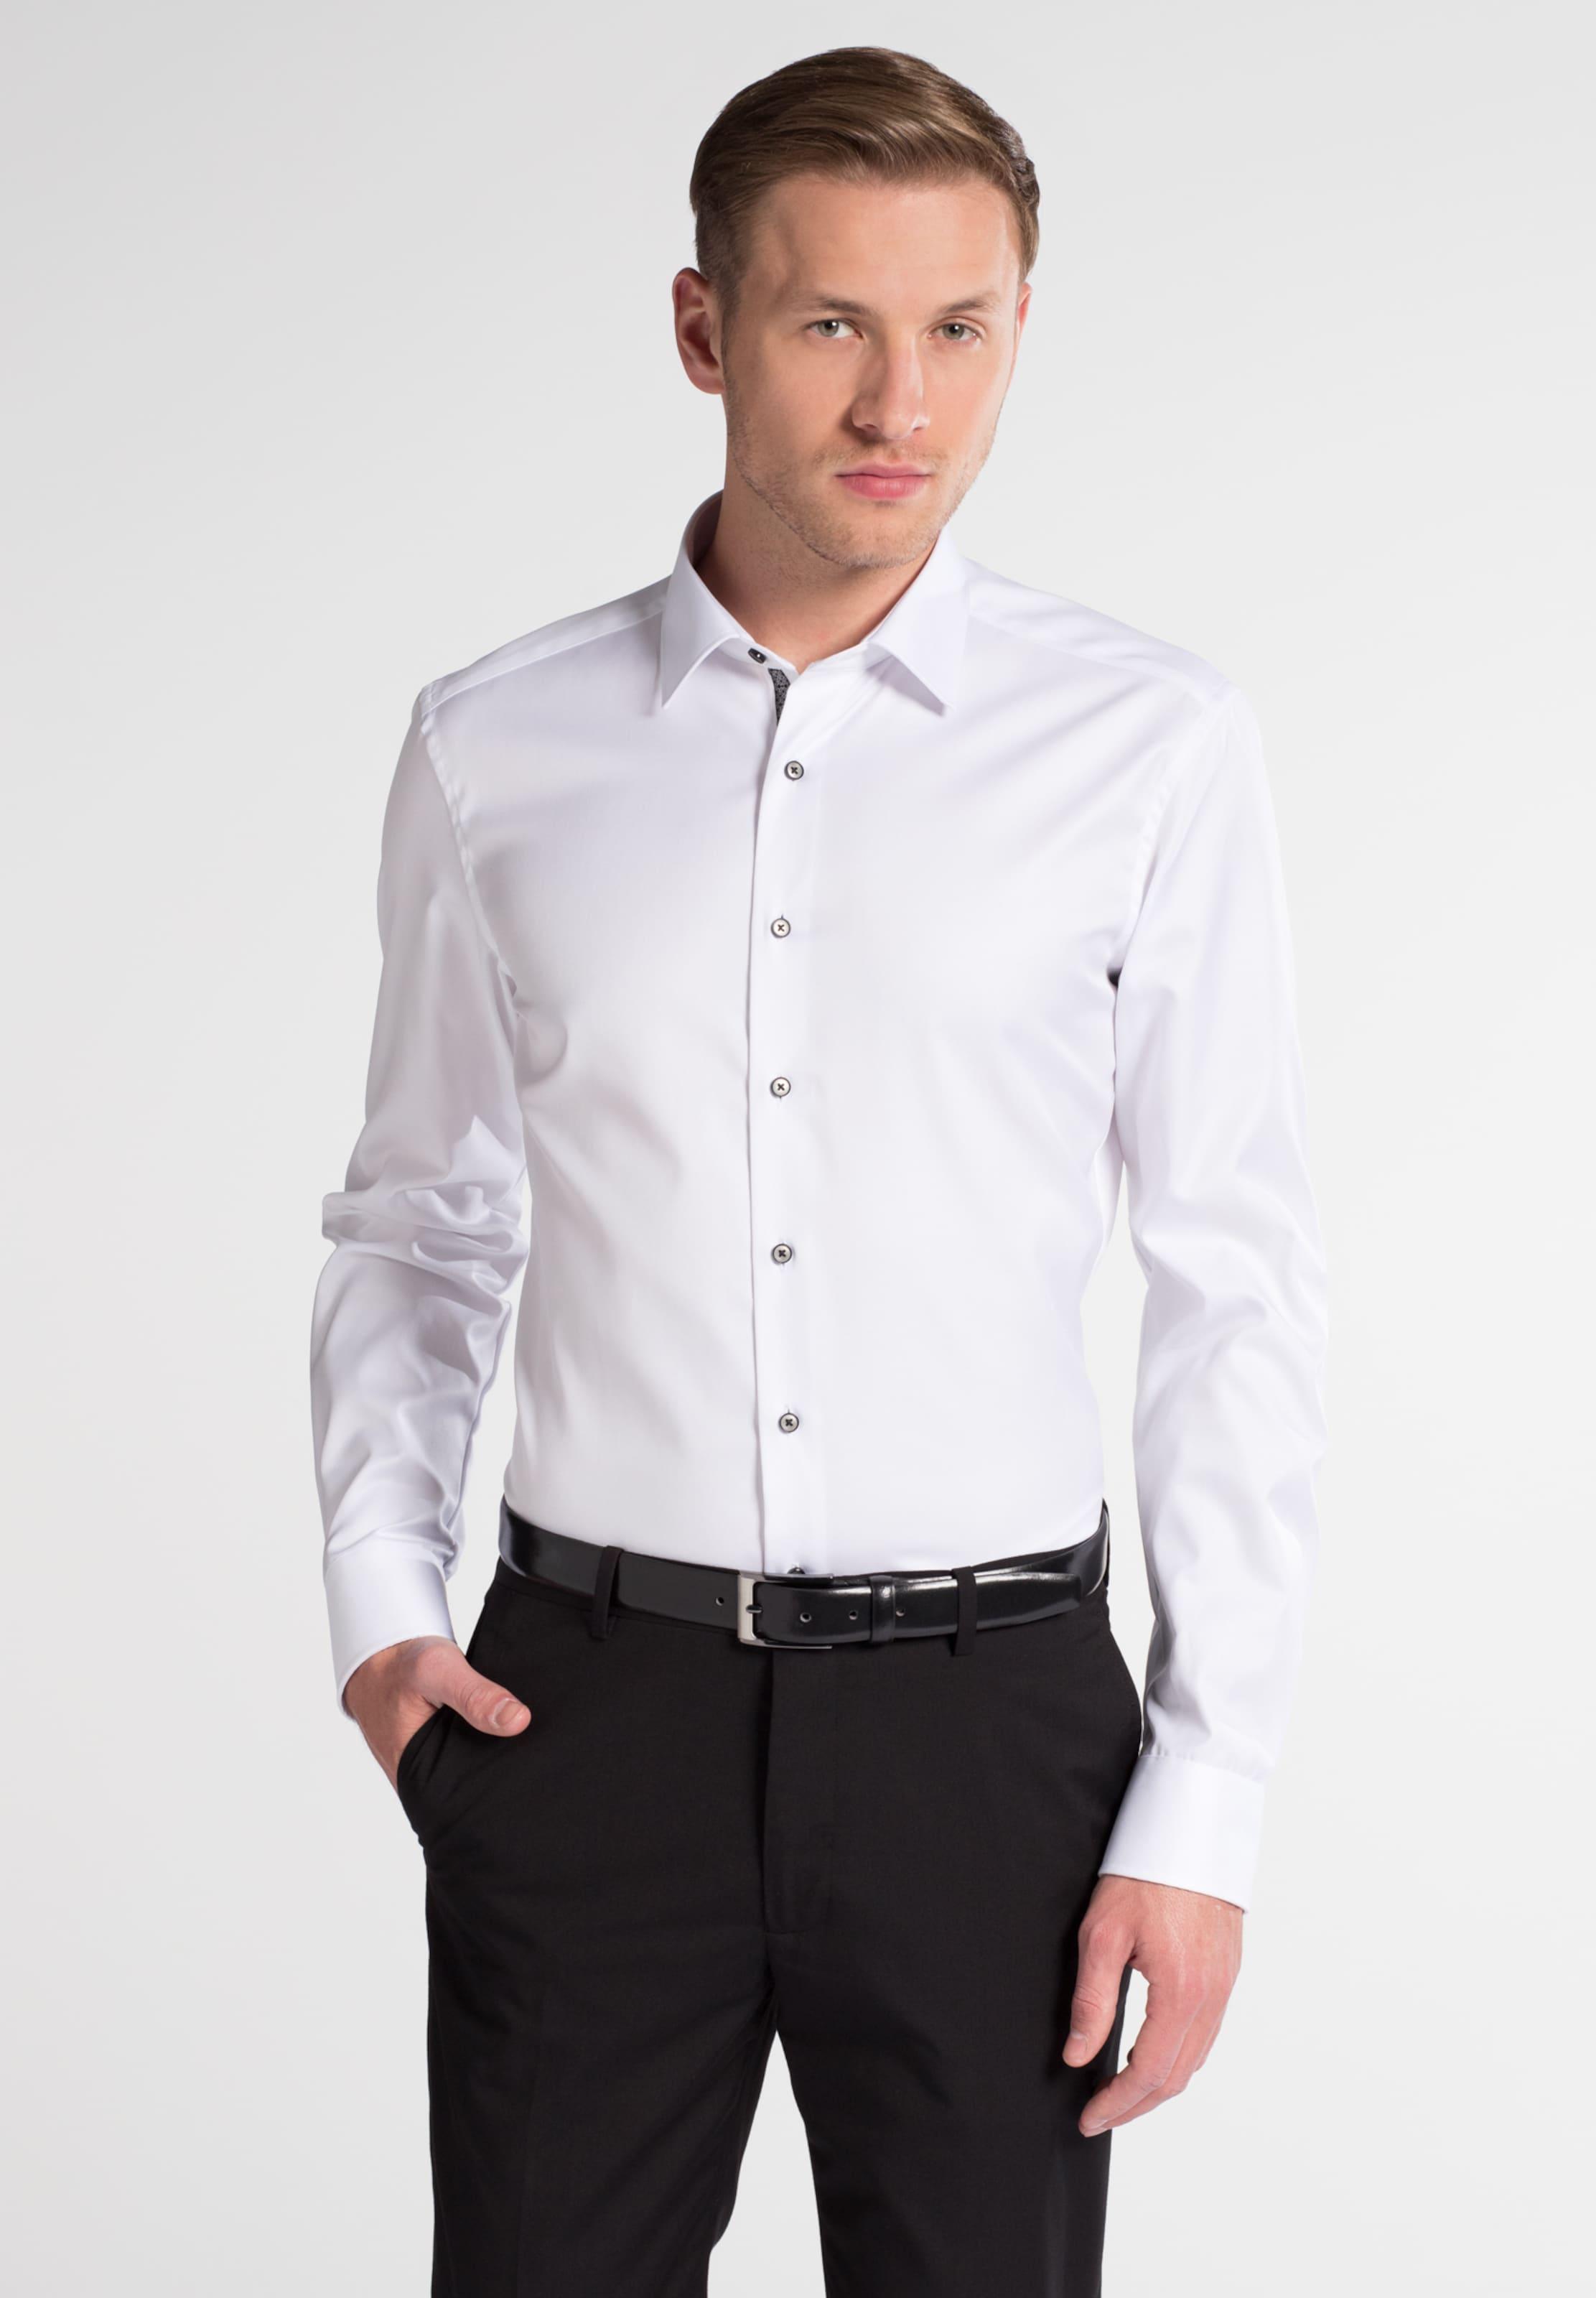 Hemd Eterna In Weiß Eterna Weiß In In Hemd Eterna Hemd CordeBWx